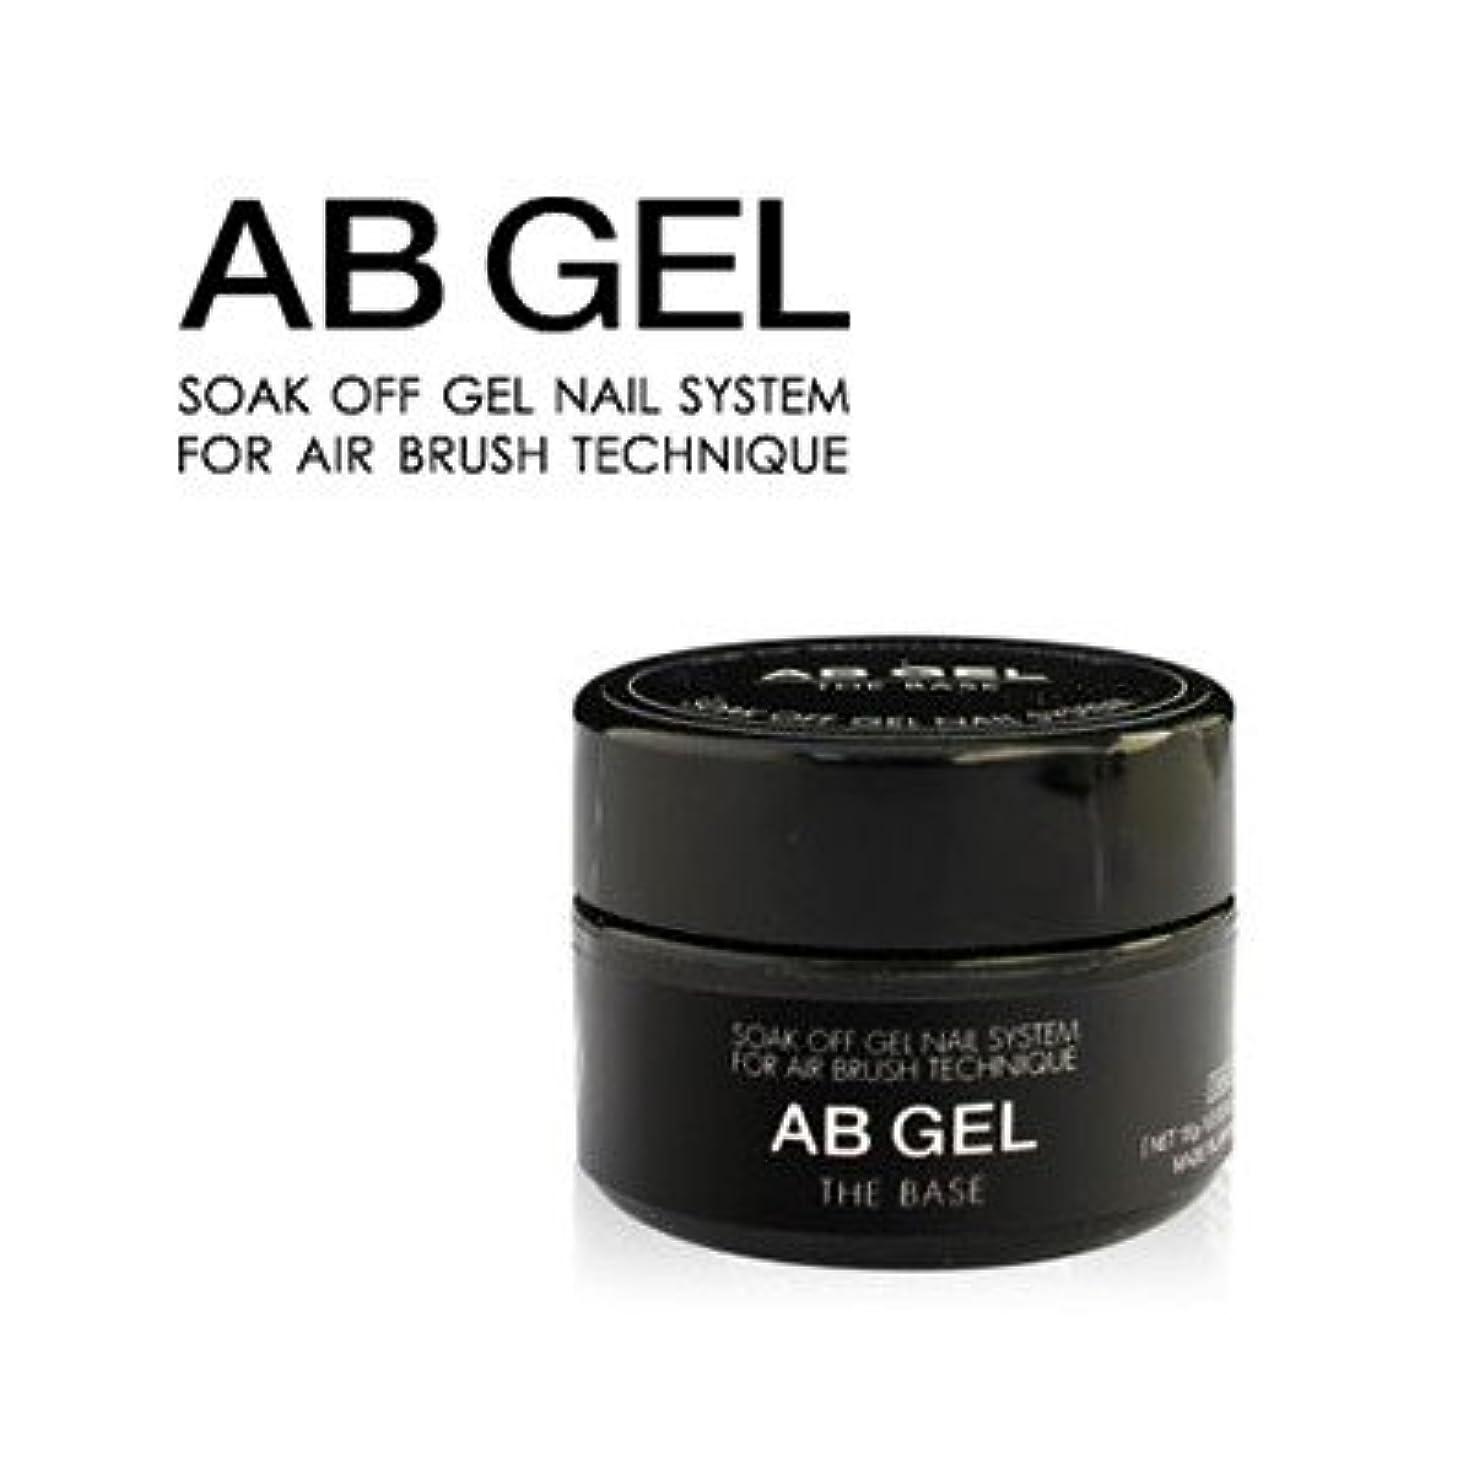 防ぐ醸造所ペレグリネーションベースジェル ジェルネイル AB GEL THE BASE 15g